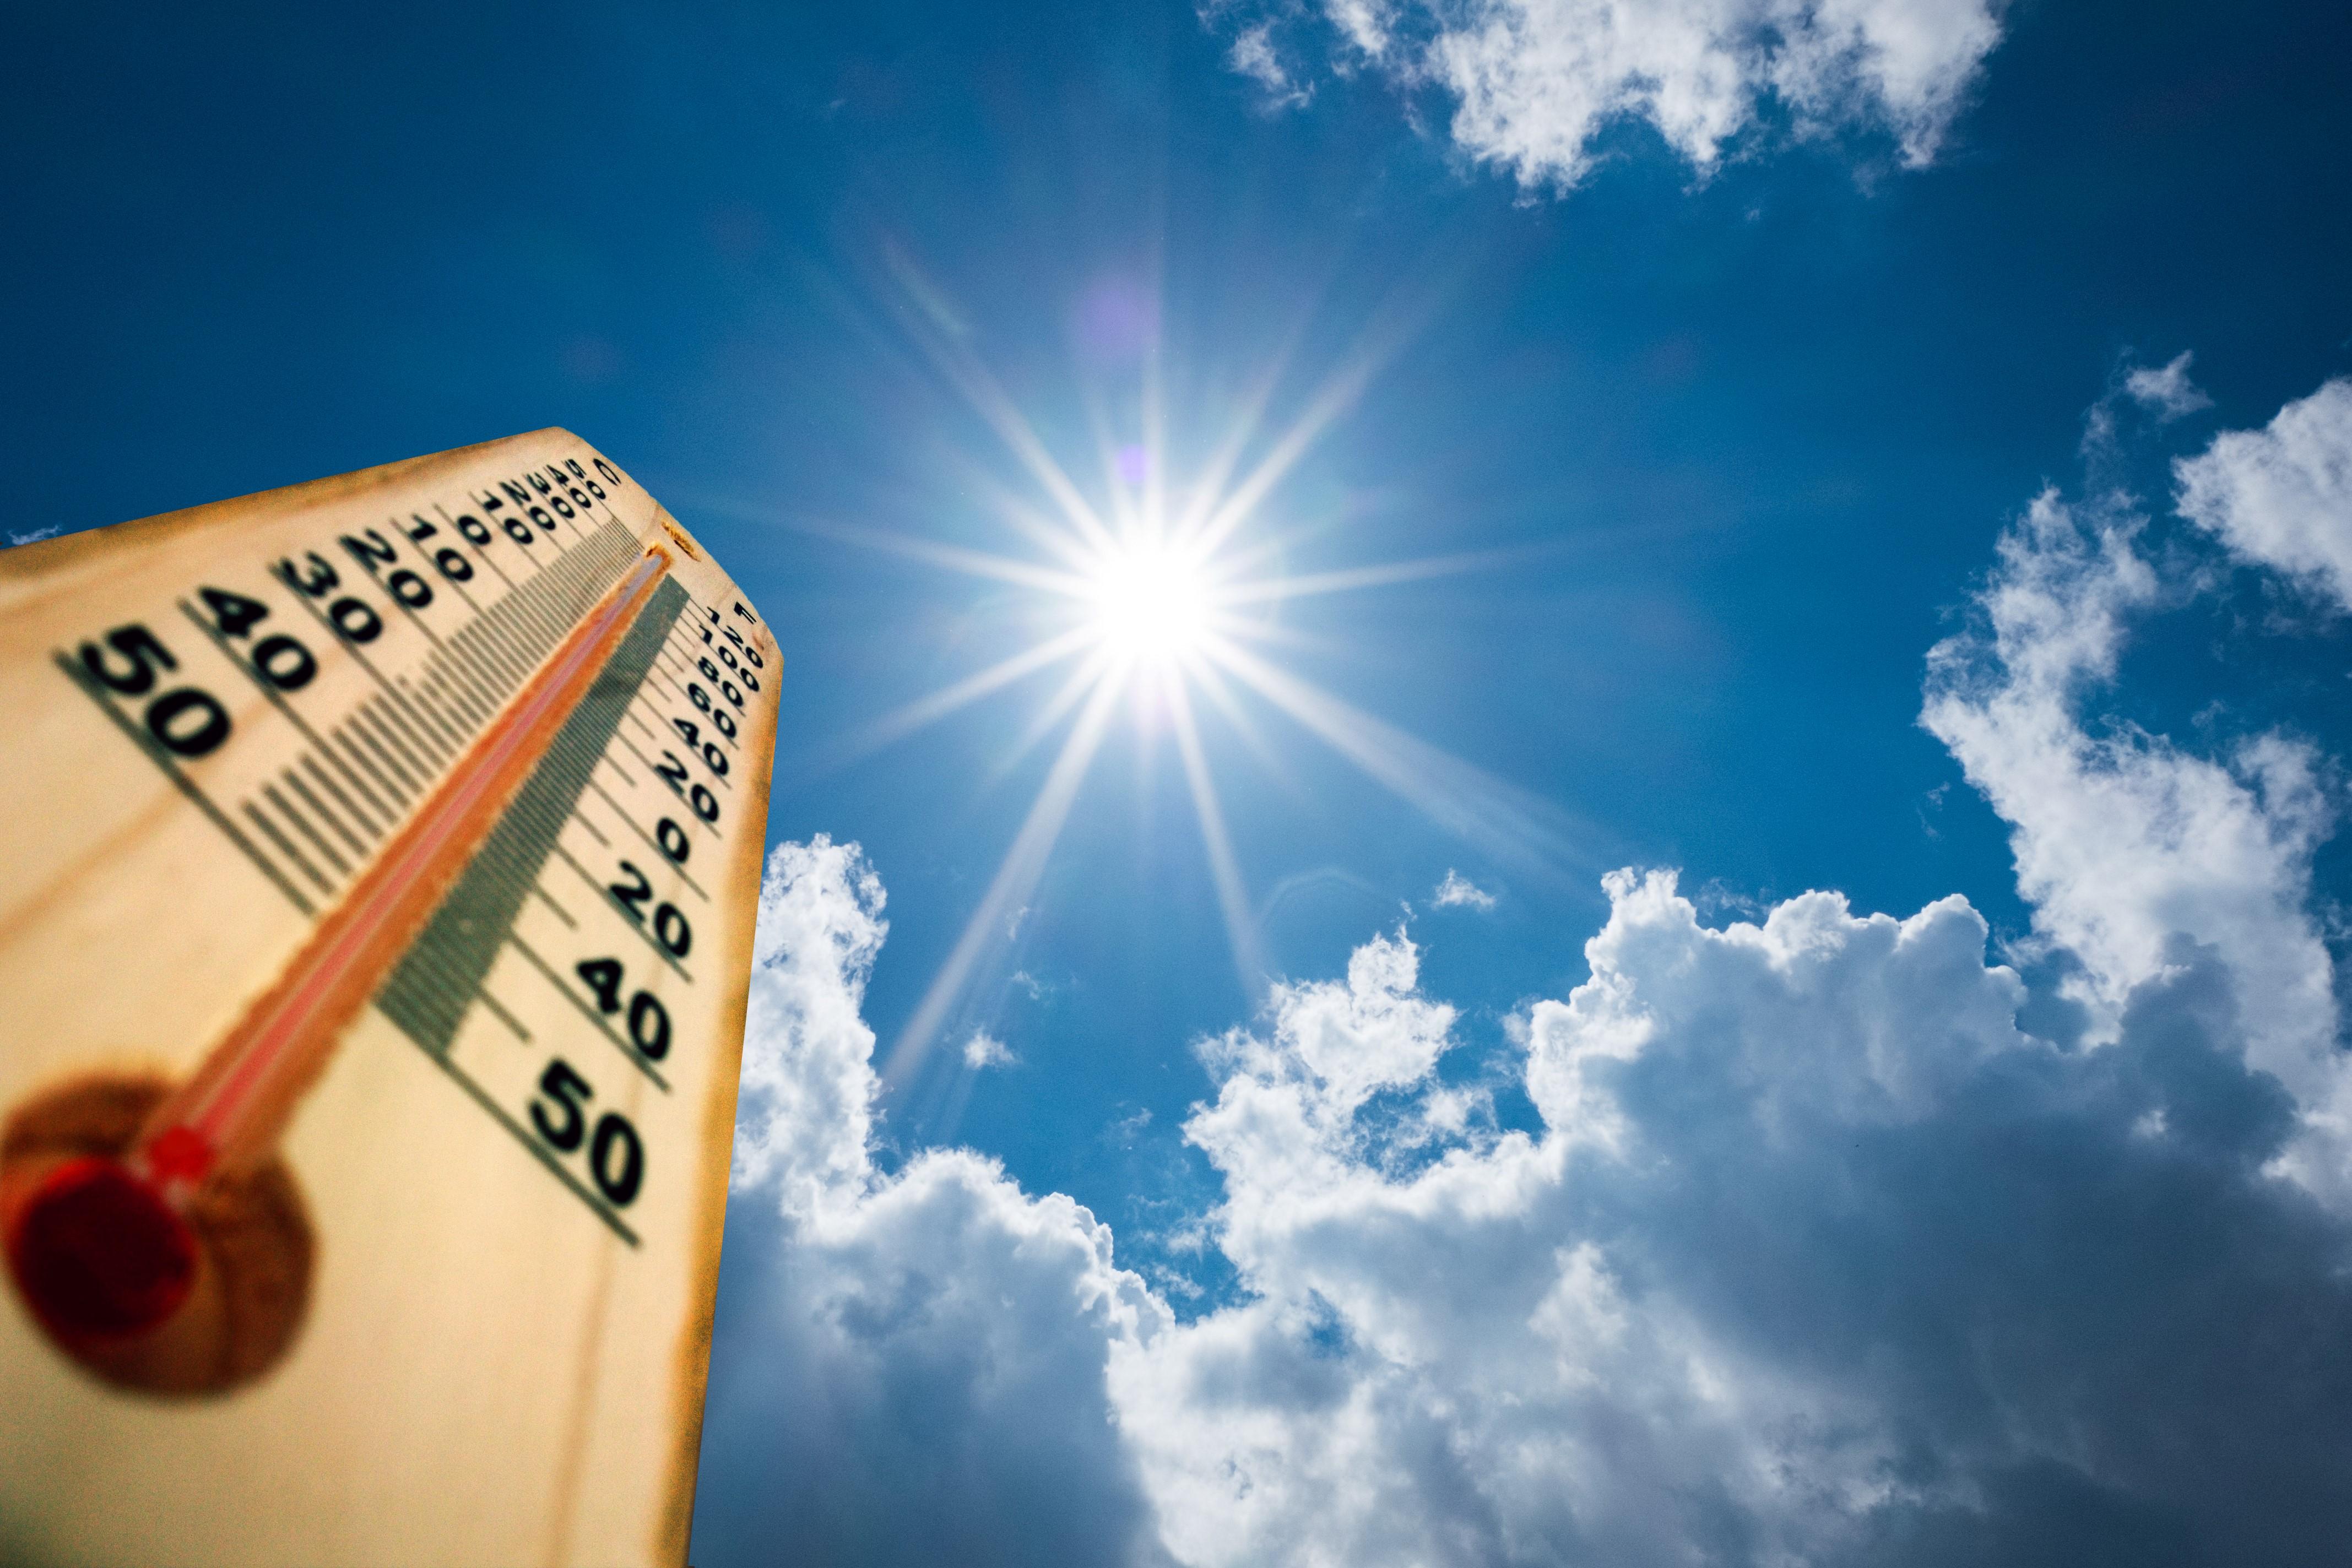 الأرصاد الجوية : ارتفاع طفيف فى الحرارة غدًا والعظمى بالقاهرة 36 درجة